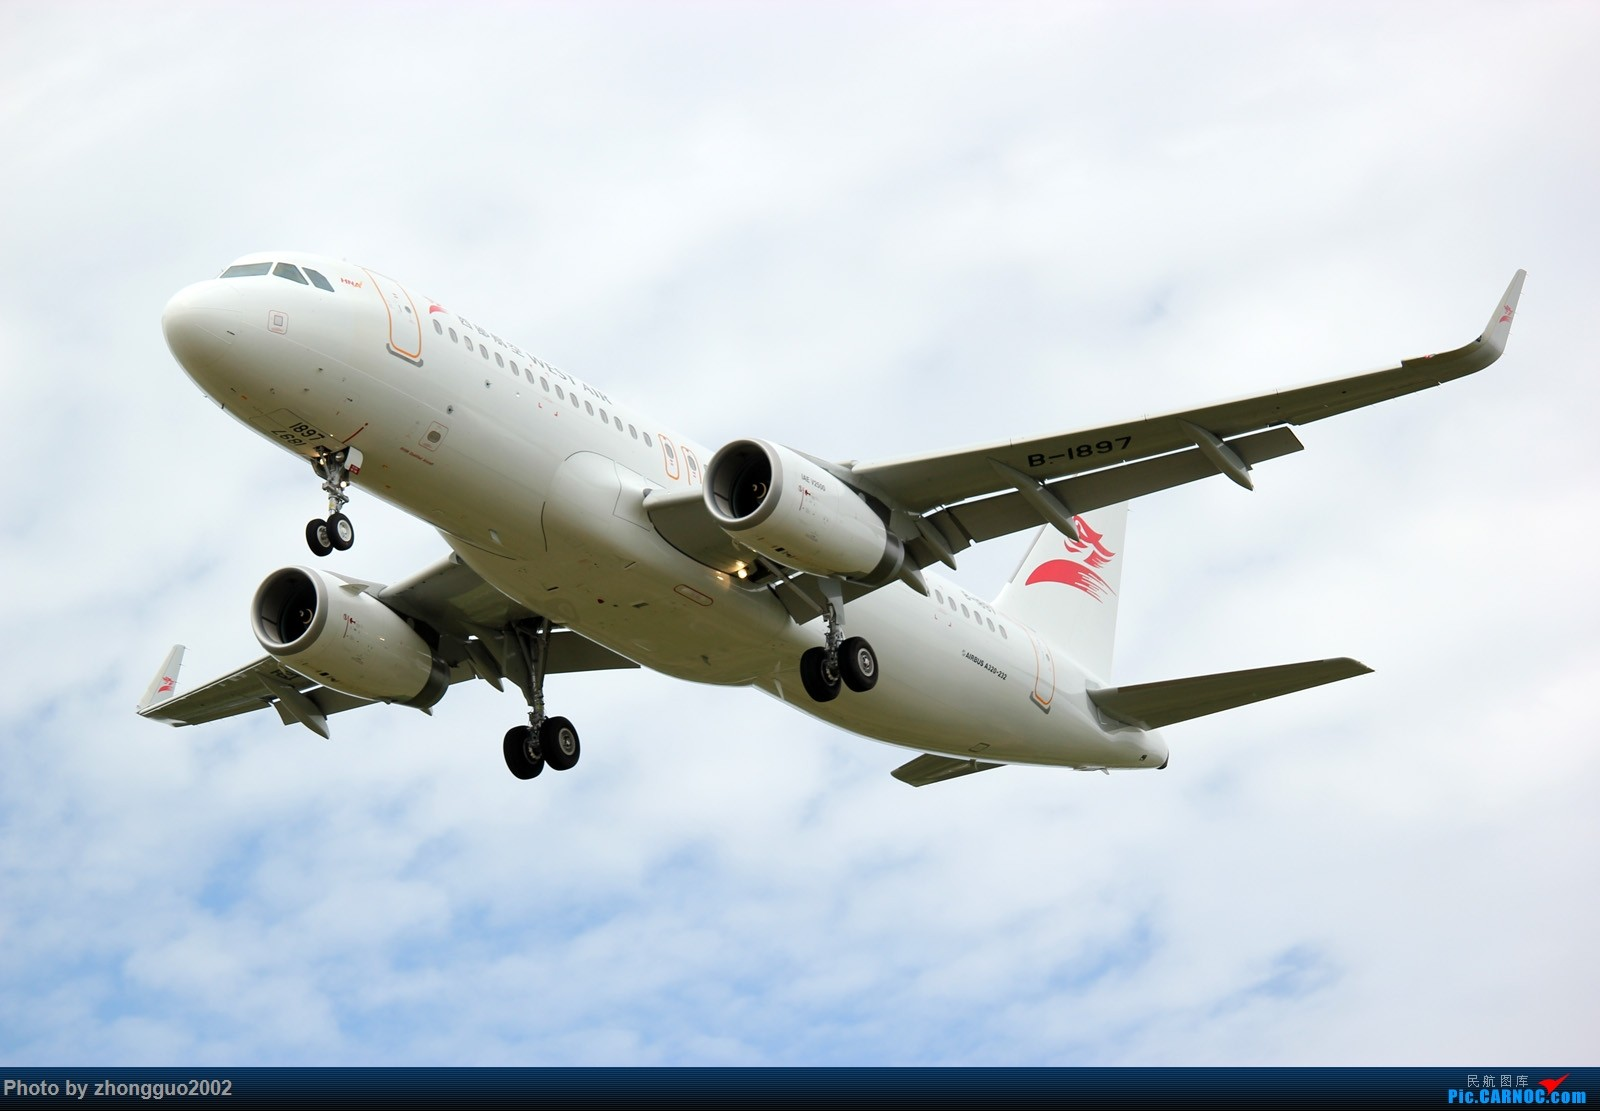 Re:[原创]【BLDDQ--深圳打机队】发小飞机盖楼贴,凡跟帖1字开头大陆民航飞机图的,每图五架小飞机不重复 AIRBUS A320-200 B-1897 中国呼和浩特白塔国际机场